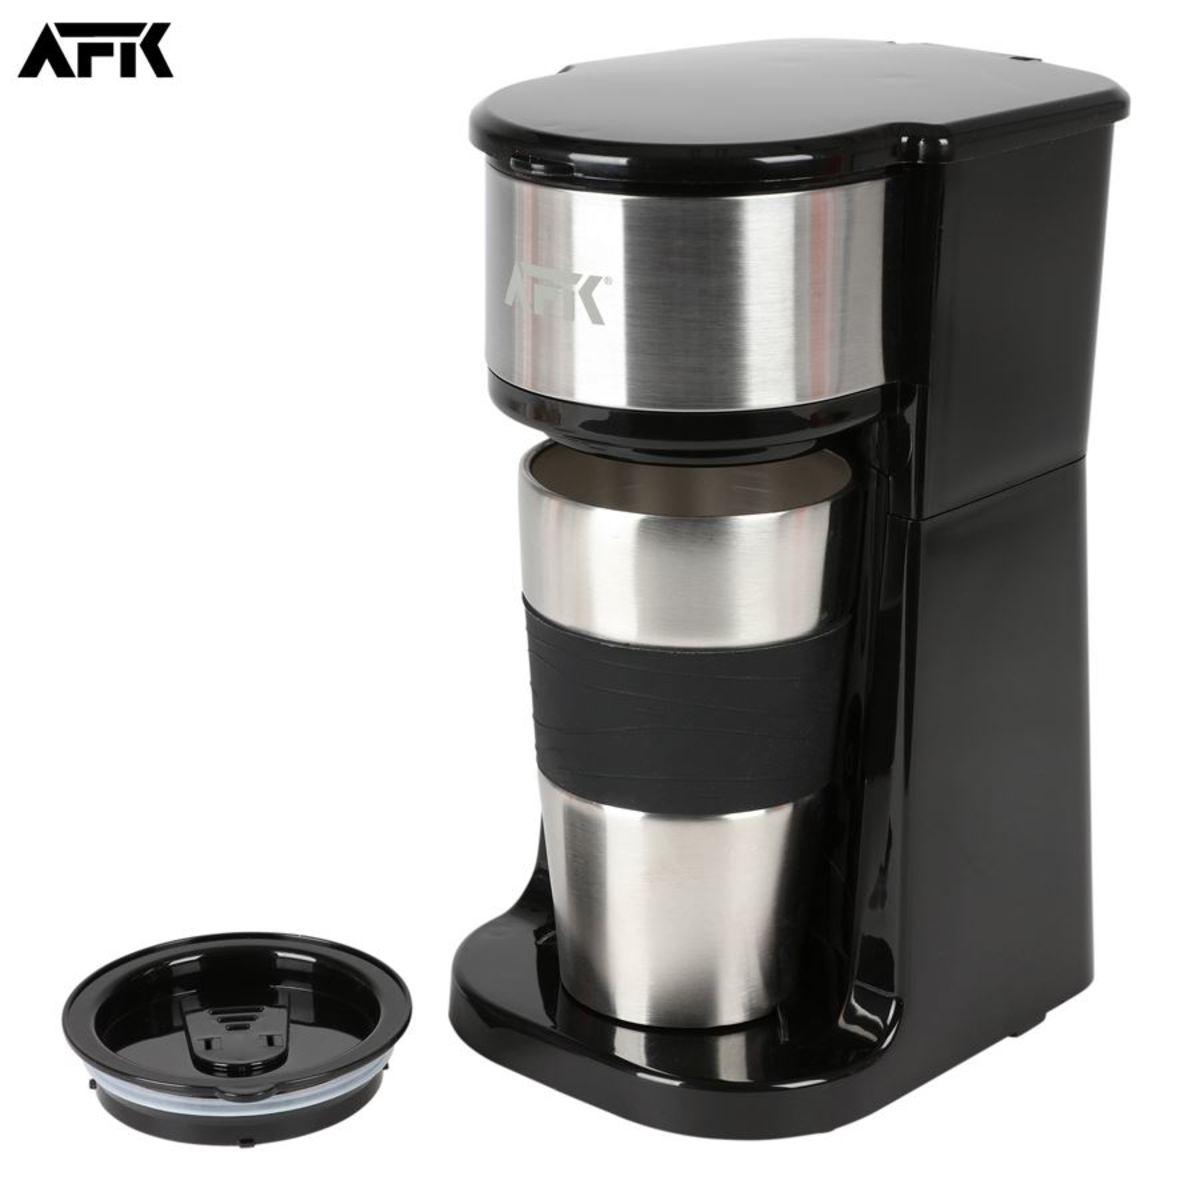 Bild 1 von AFK Kaffeemaschine TKME-700.325.4 mit Reisebecher Schwarz/Edelstahl